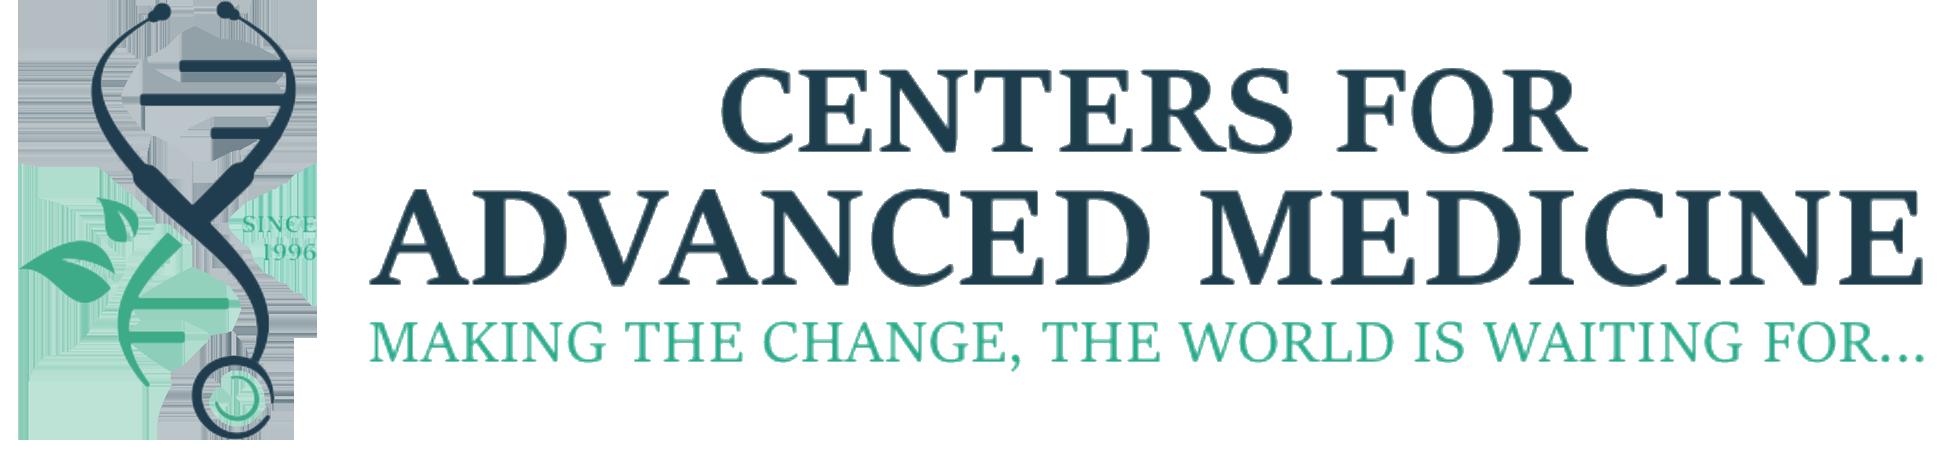 Centers for Advanced Medicine